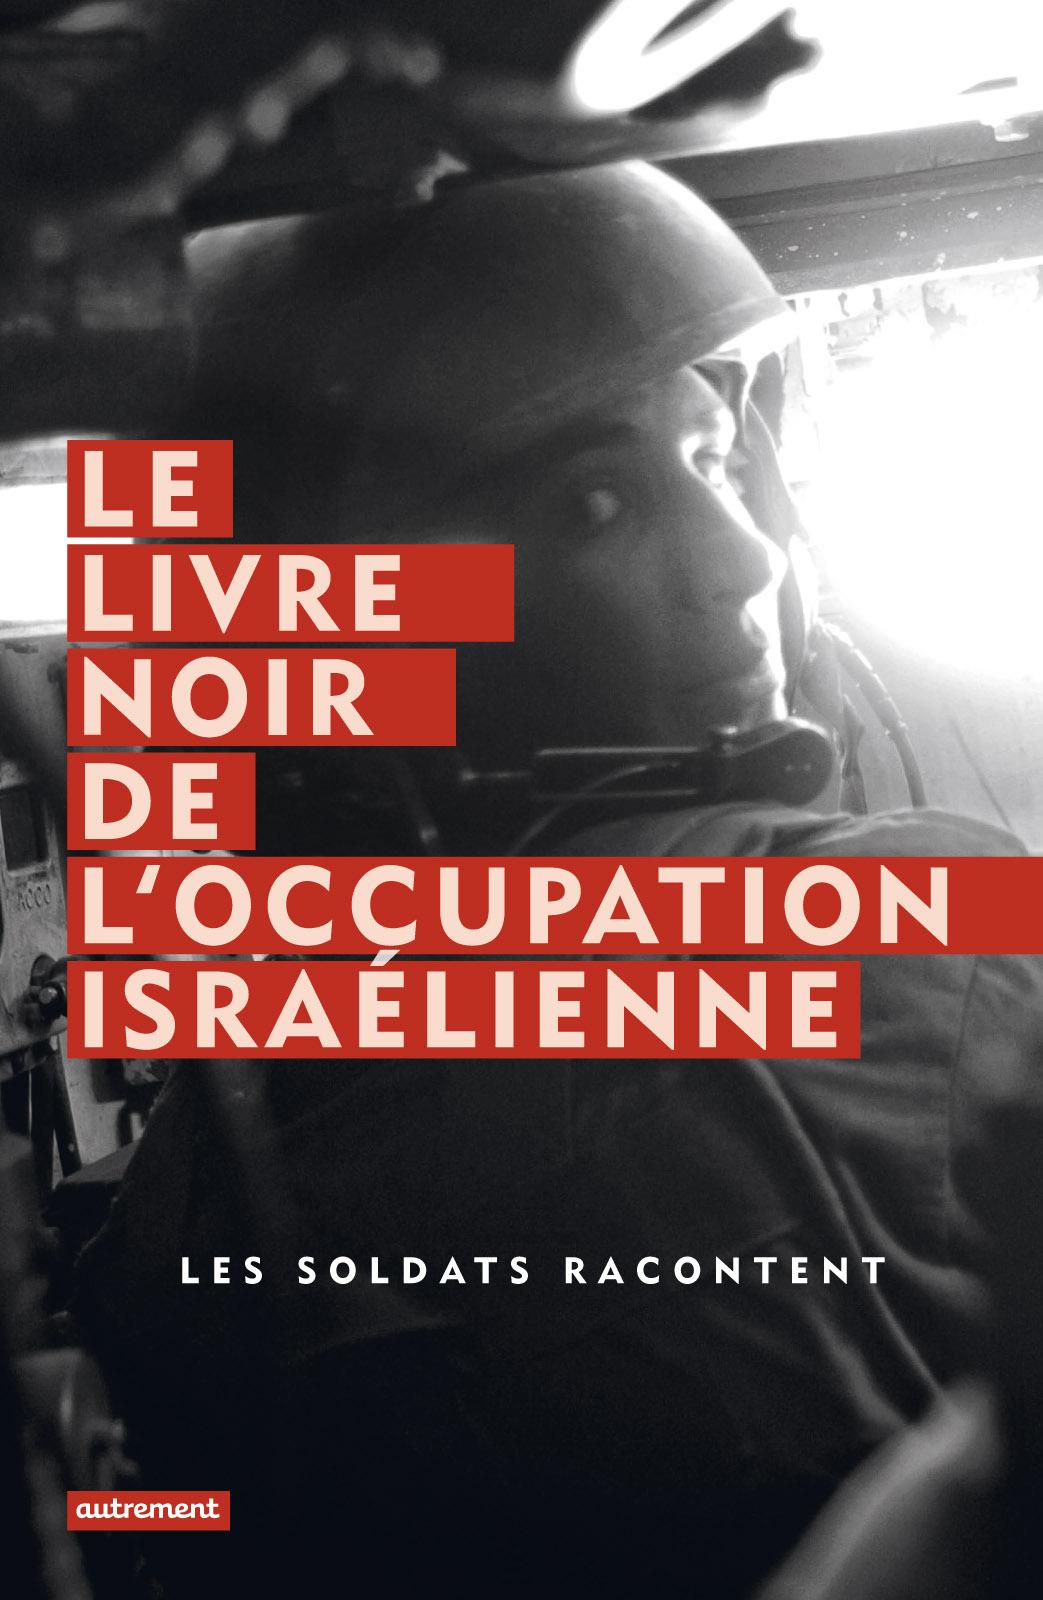 LE LIVRE NOIR DE L'OCCUPATION ISRAELIENNE